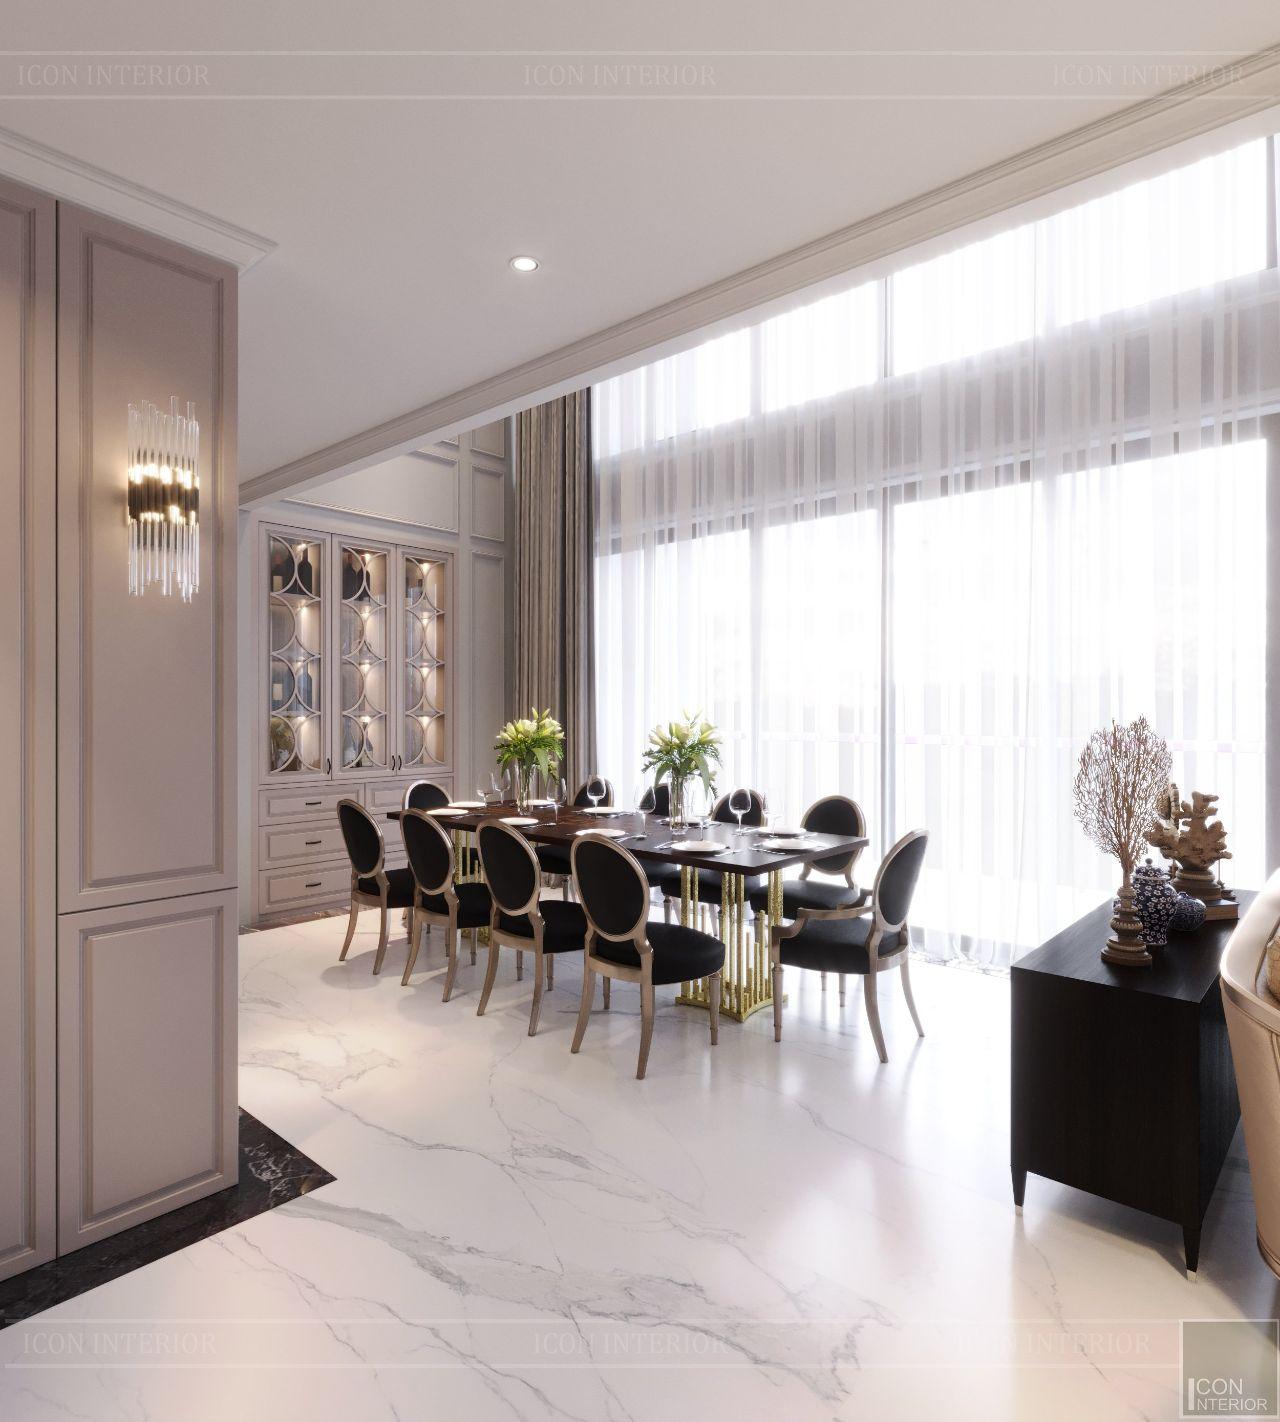 Mẫu thiết kế căn hộ chung cư duplex phong cách Tân cổ điển